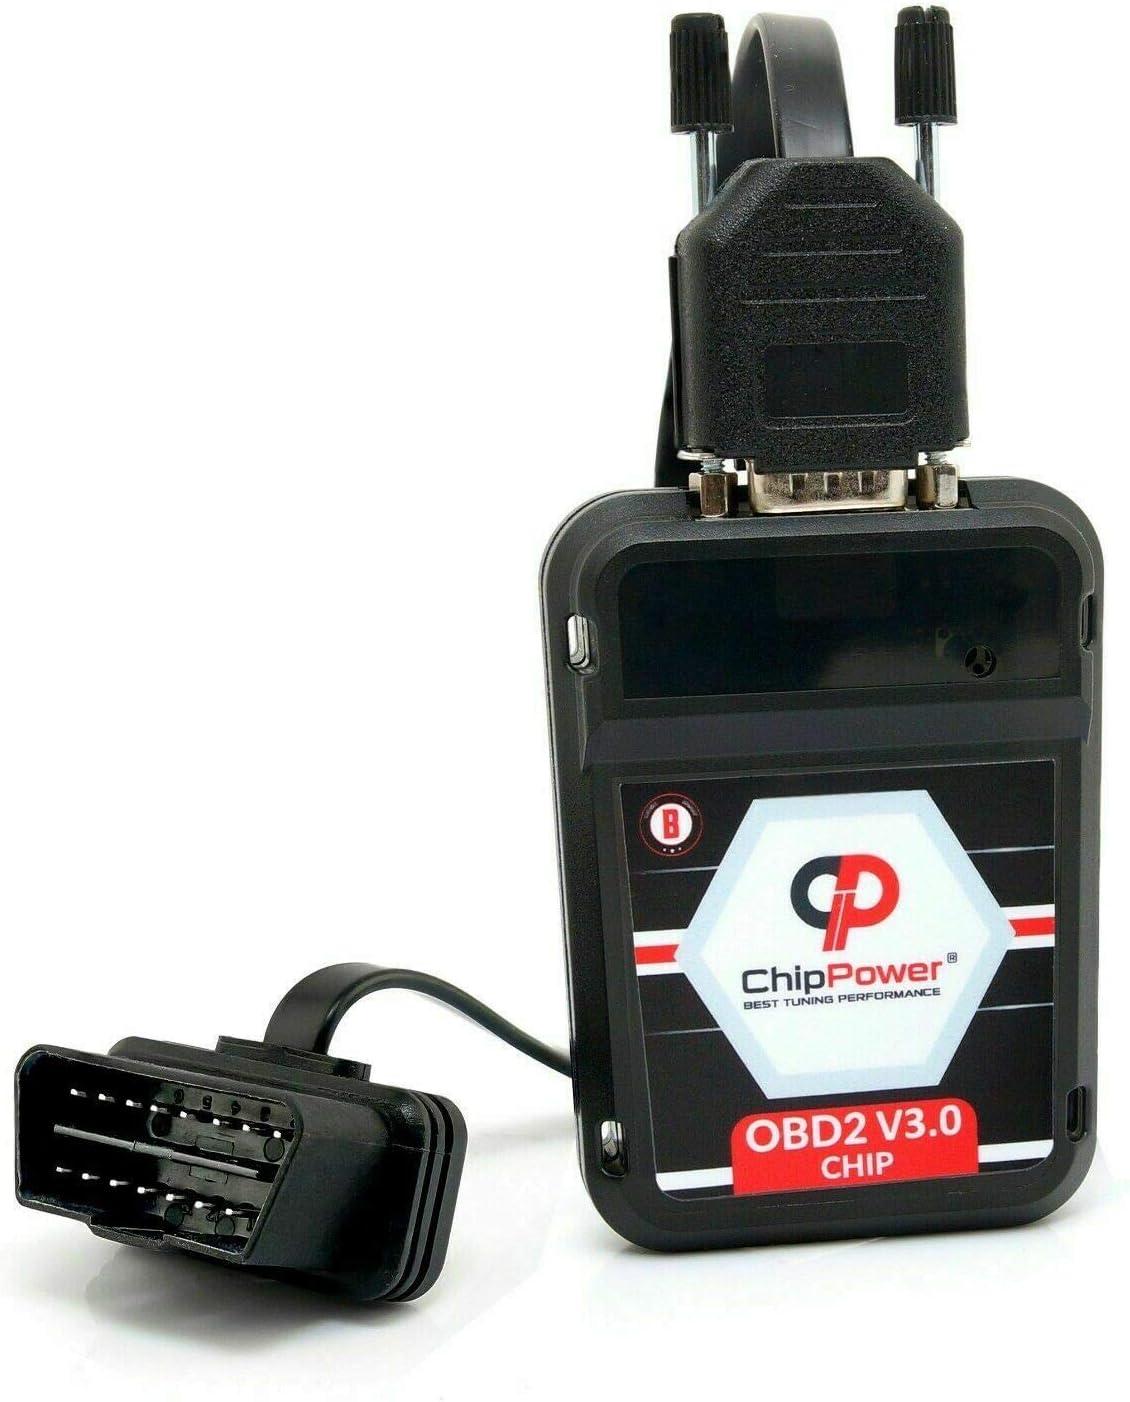 ChipPower Chiptuning OBD2 v3 f/ür Astra H 1.6 77 kW 105 PS 2004-2011 Chip Box Mehr Leistung Benzin